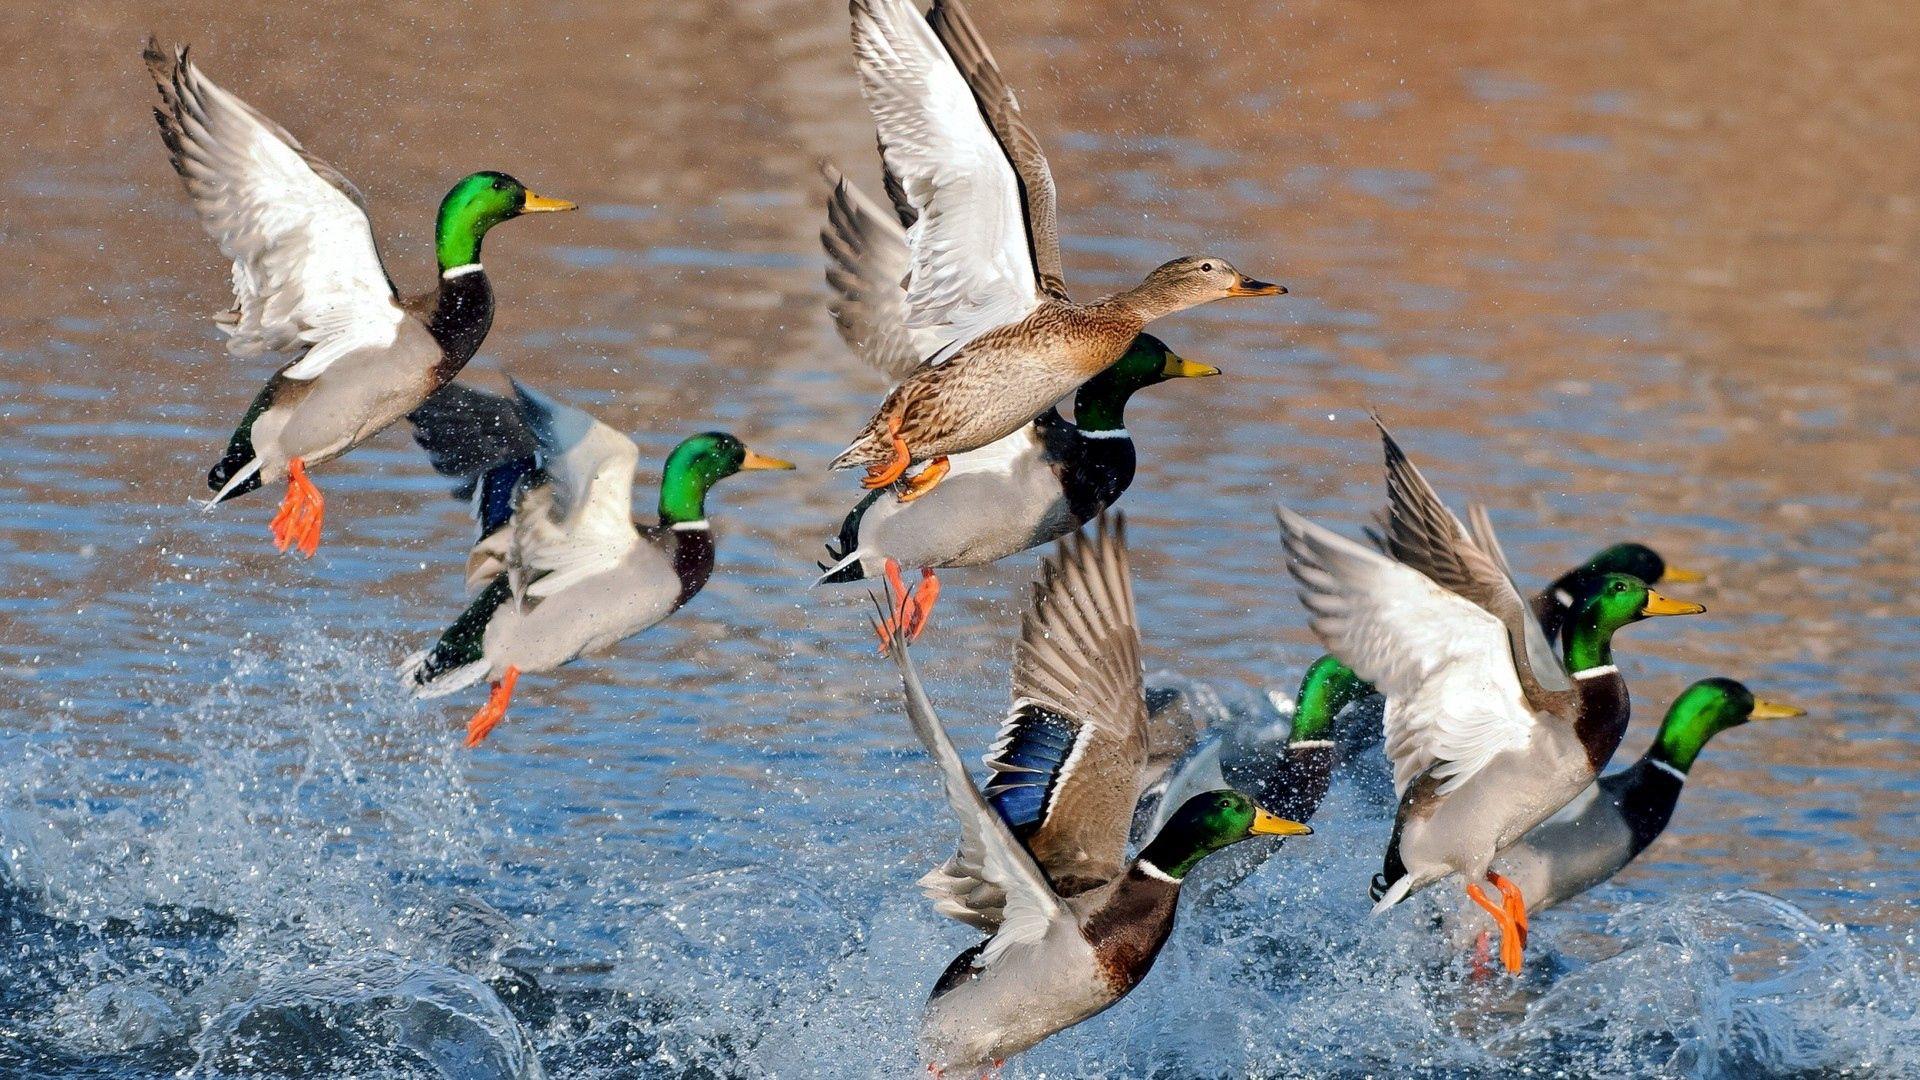 139992 скачать обои Утки, Животные, Река, Озеро, Всплеск, Полет - заставки и картинки бесплатно